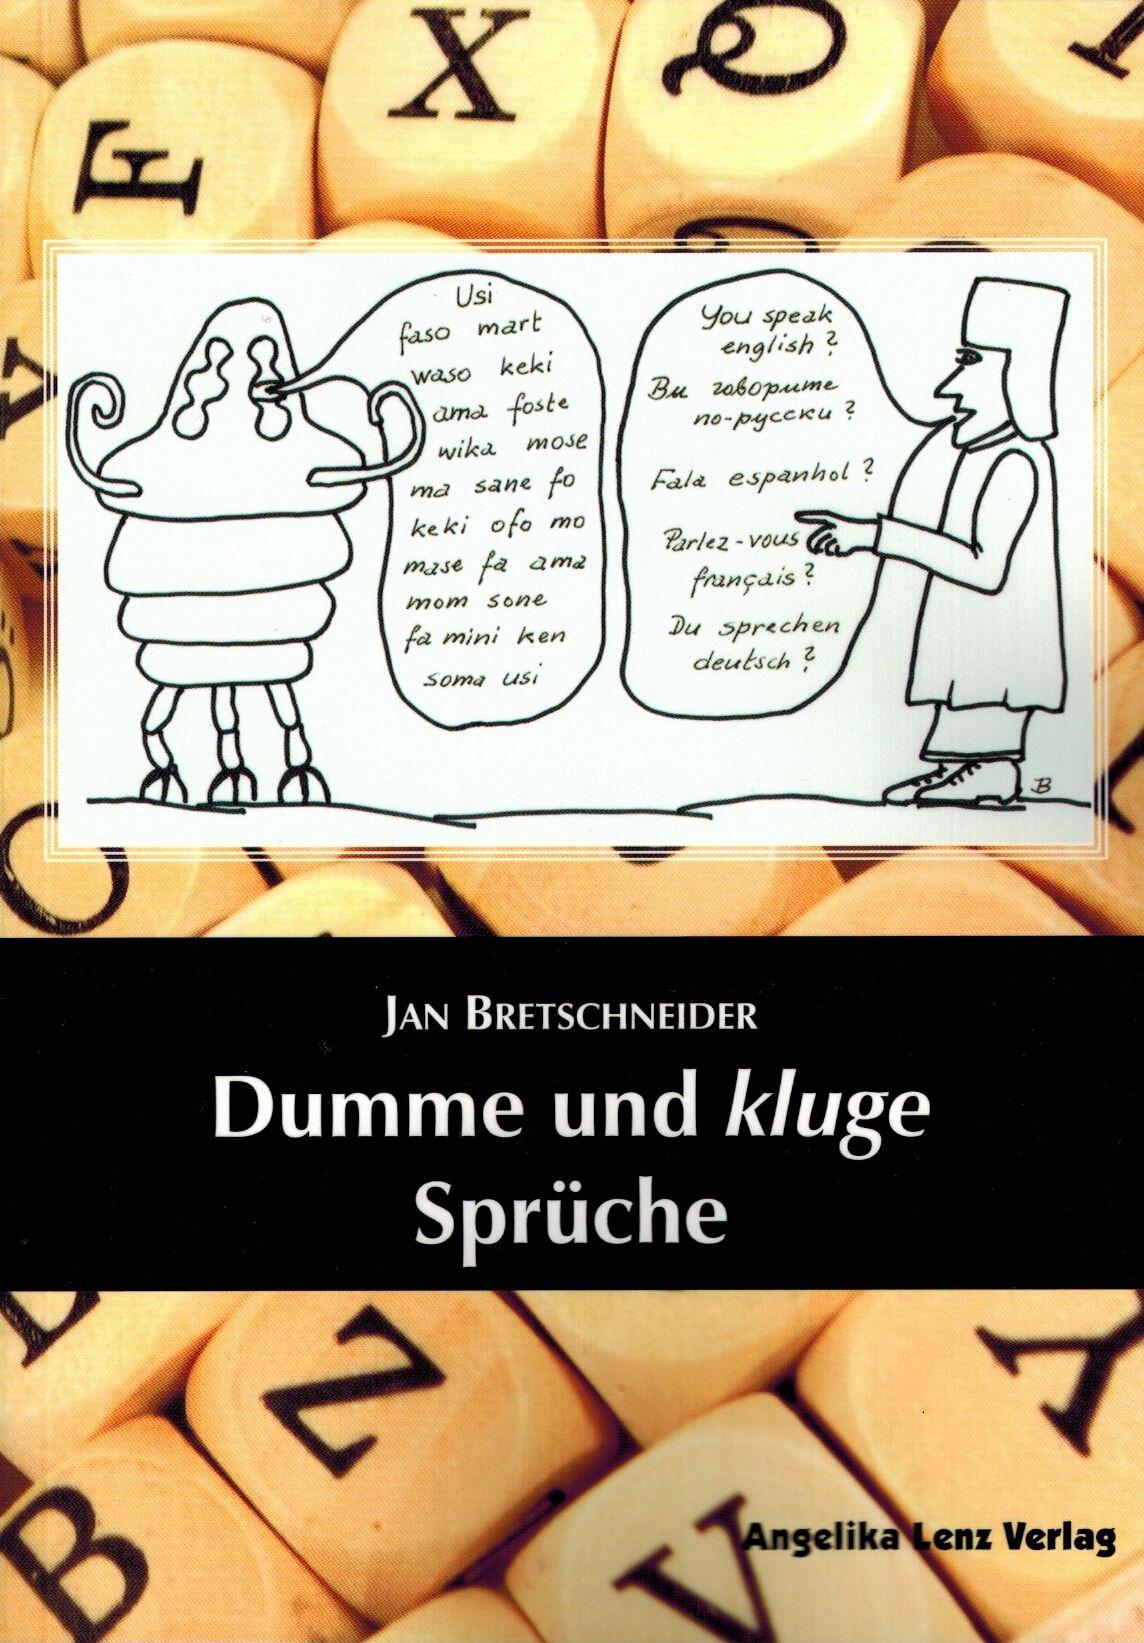 Amusing Kluge Sprüche Collection Of Dumme Und Sprüche Von Bretschneider, Jan